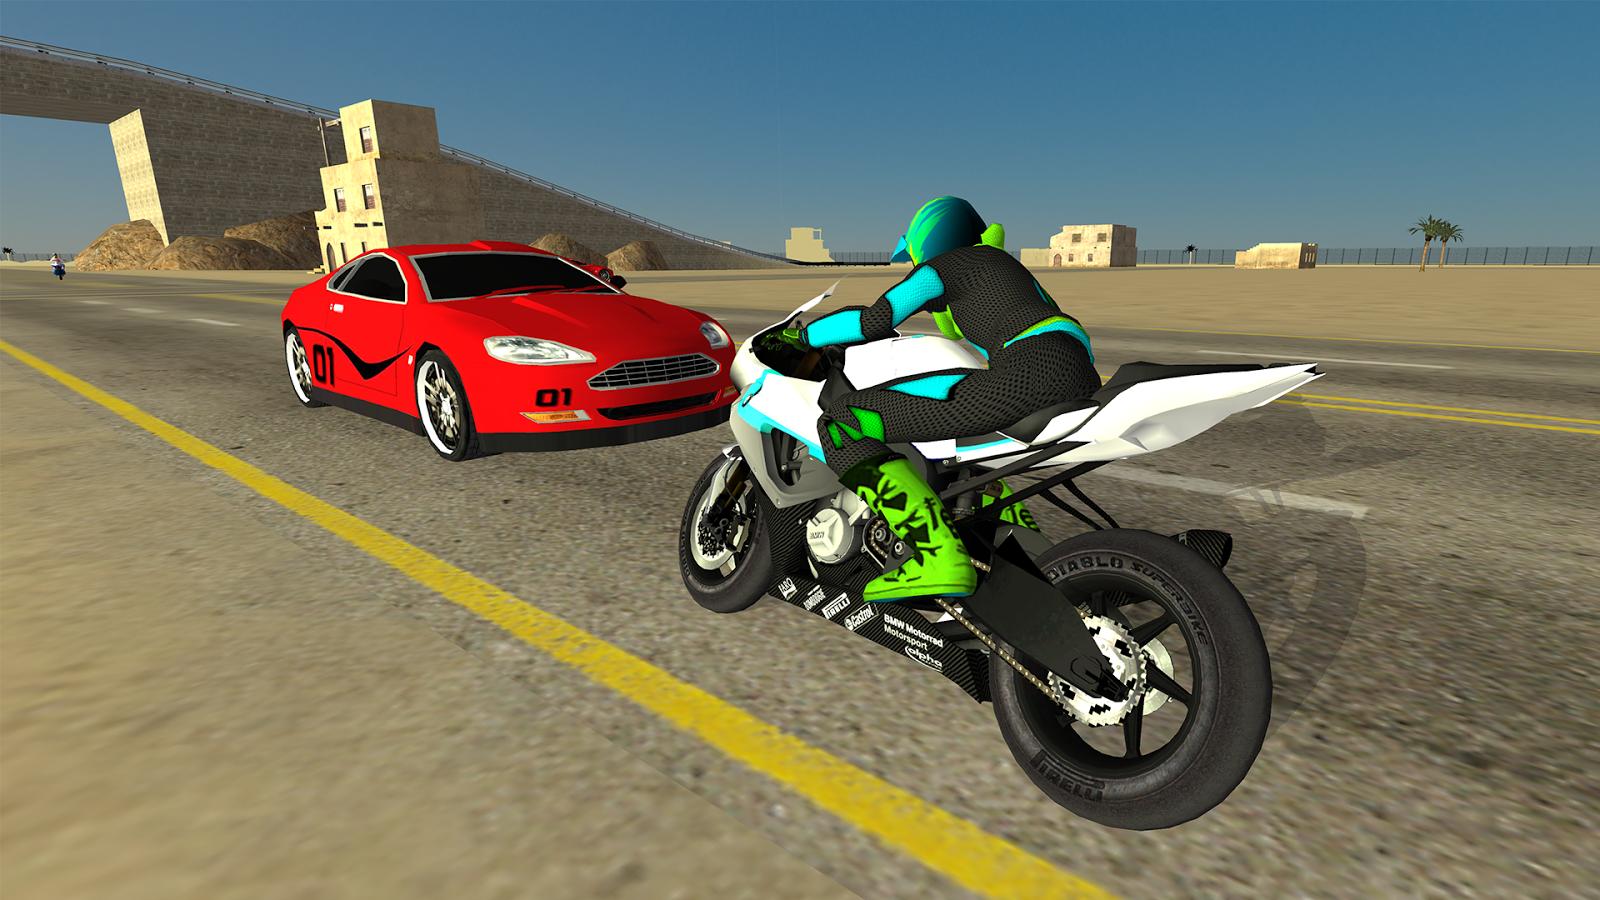 Motorbike-Driving-Simulator-3D 21